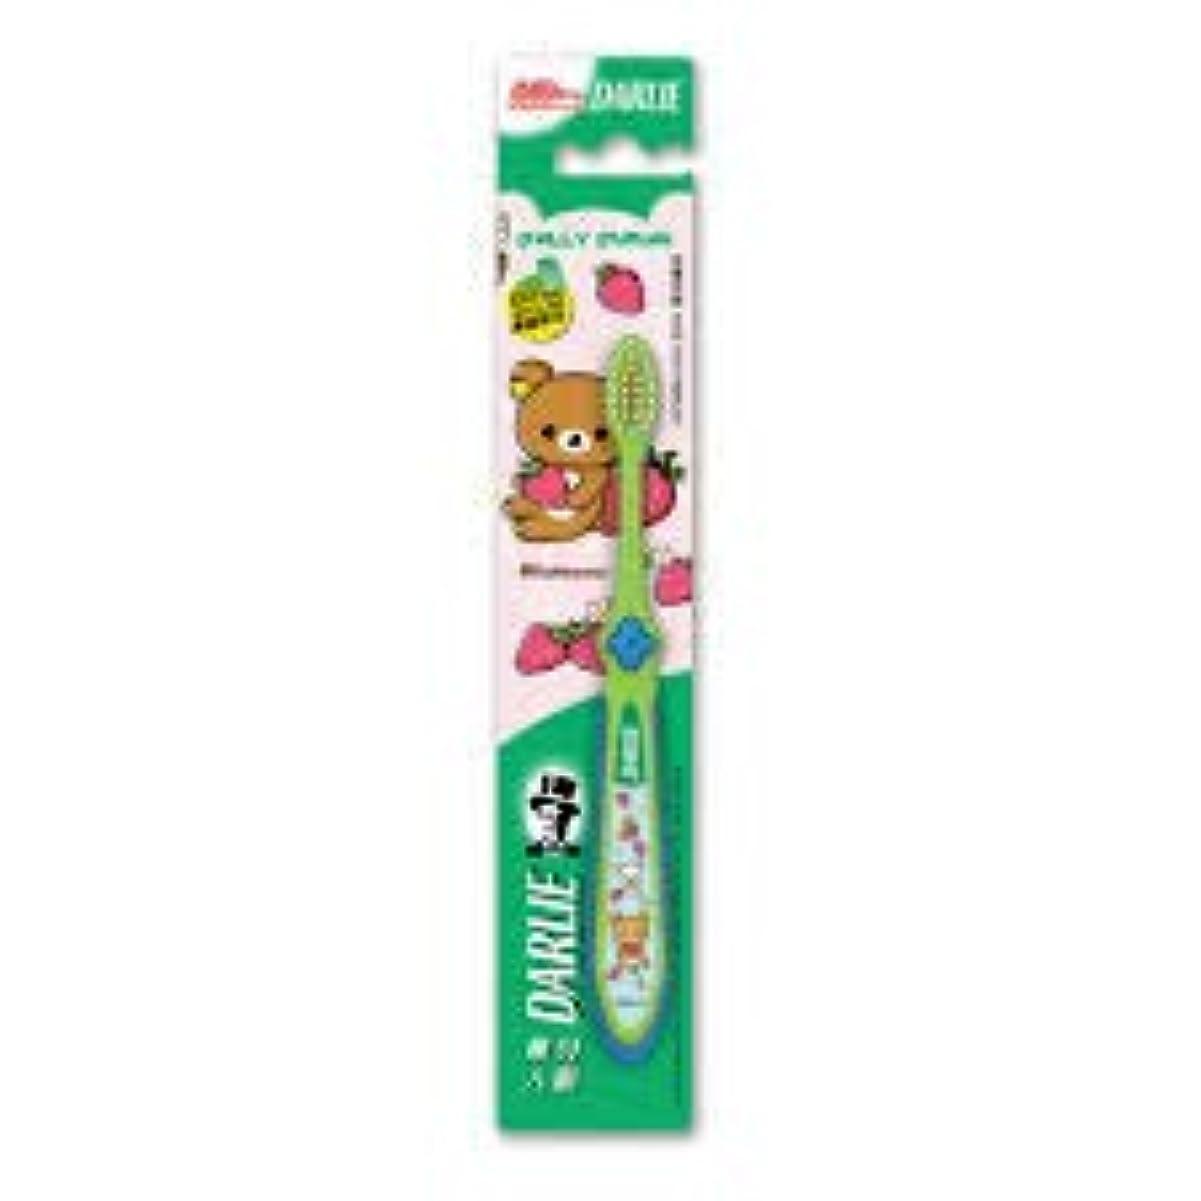 頼む子豚以来DARLIE 陽気ジュニア6-10歳歯ブラシ1 - 空洞に抵抗するためにきれいな口腔内を維持し、歯を強化